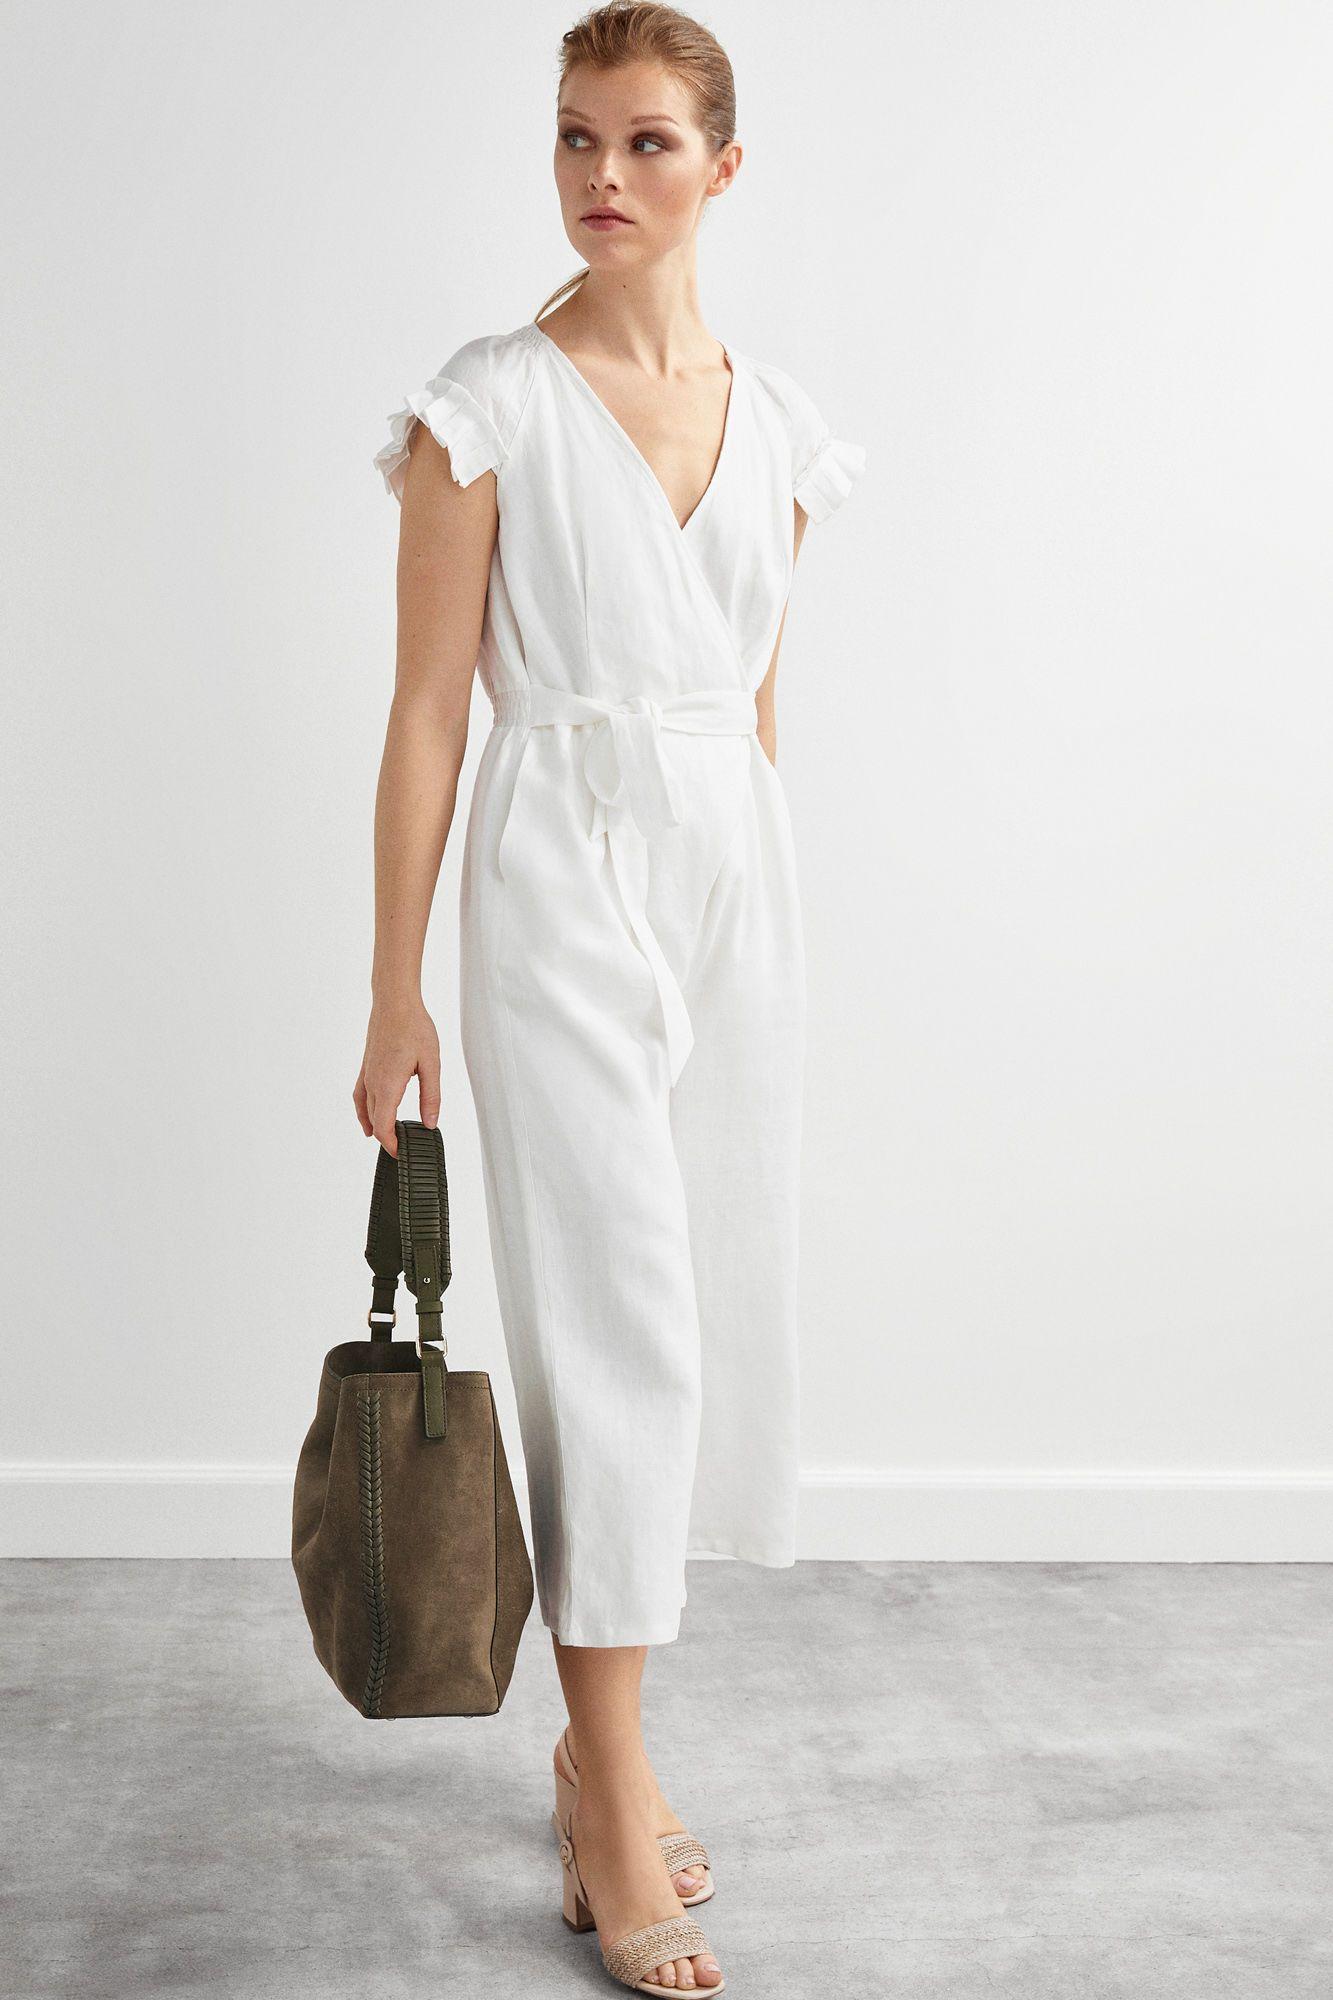 Catálogo Pedro Del Hierro Primavera Verano 2020 Moda En Pasarela Tendencias De Moda Vestidos De Mujer Moda